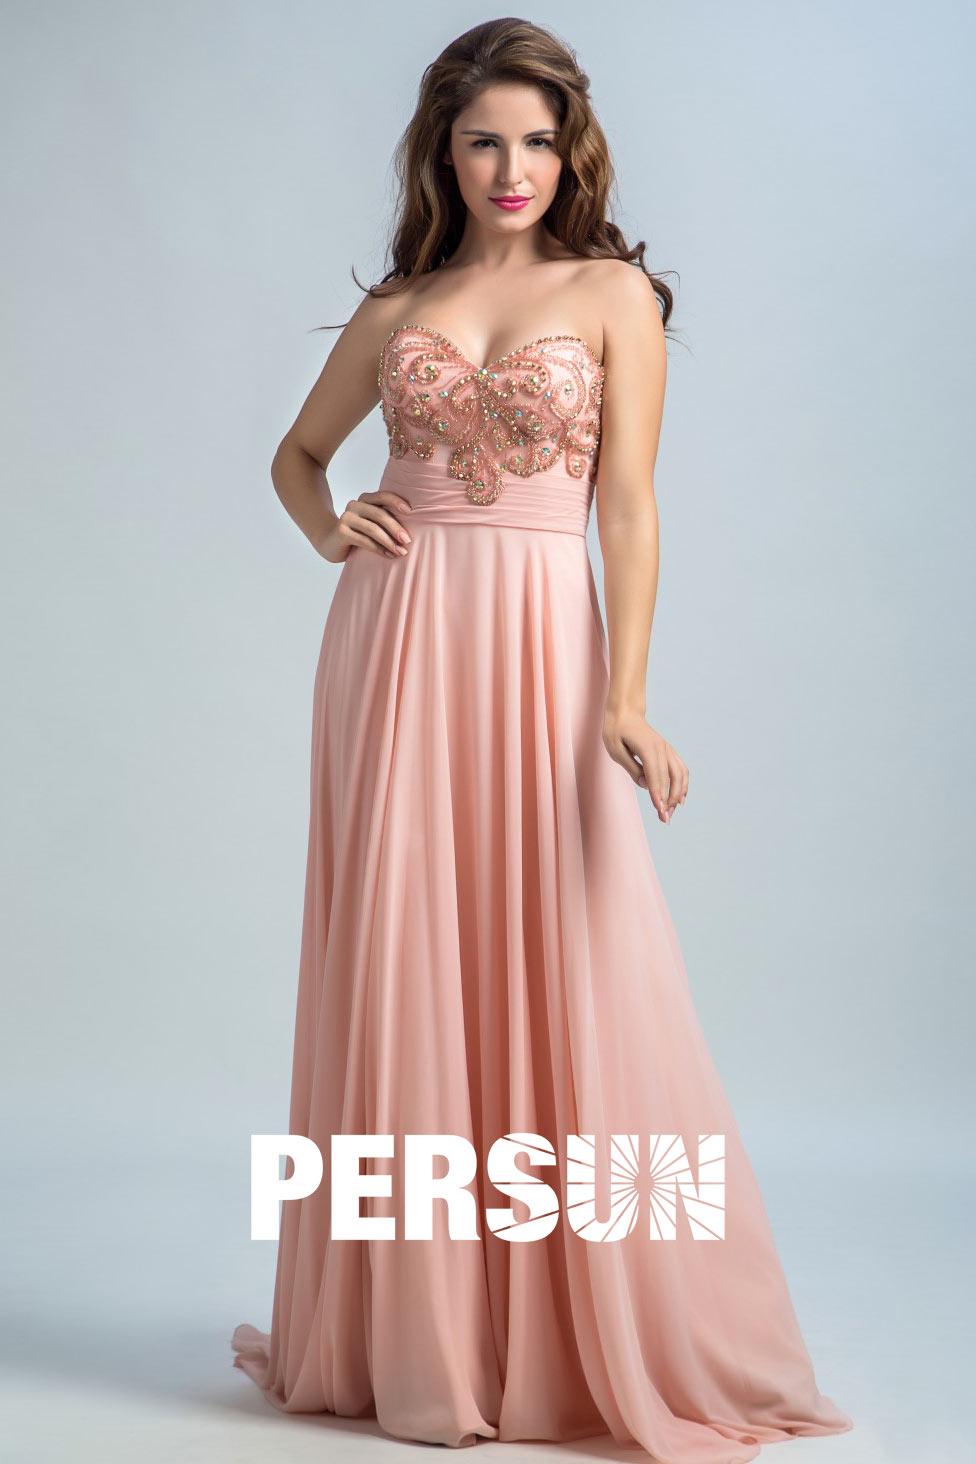 Robe de soirée longue rose nude à bustier coeur délicatement brodé